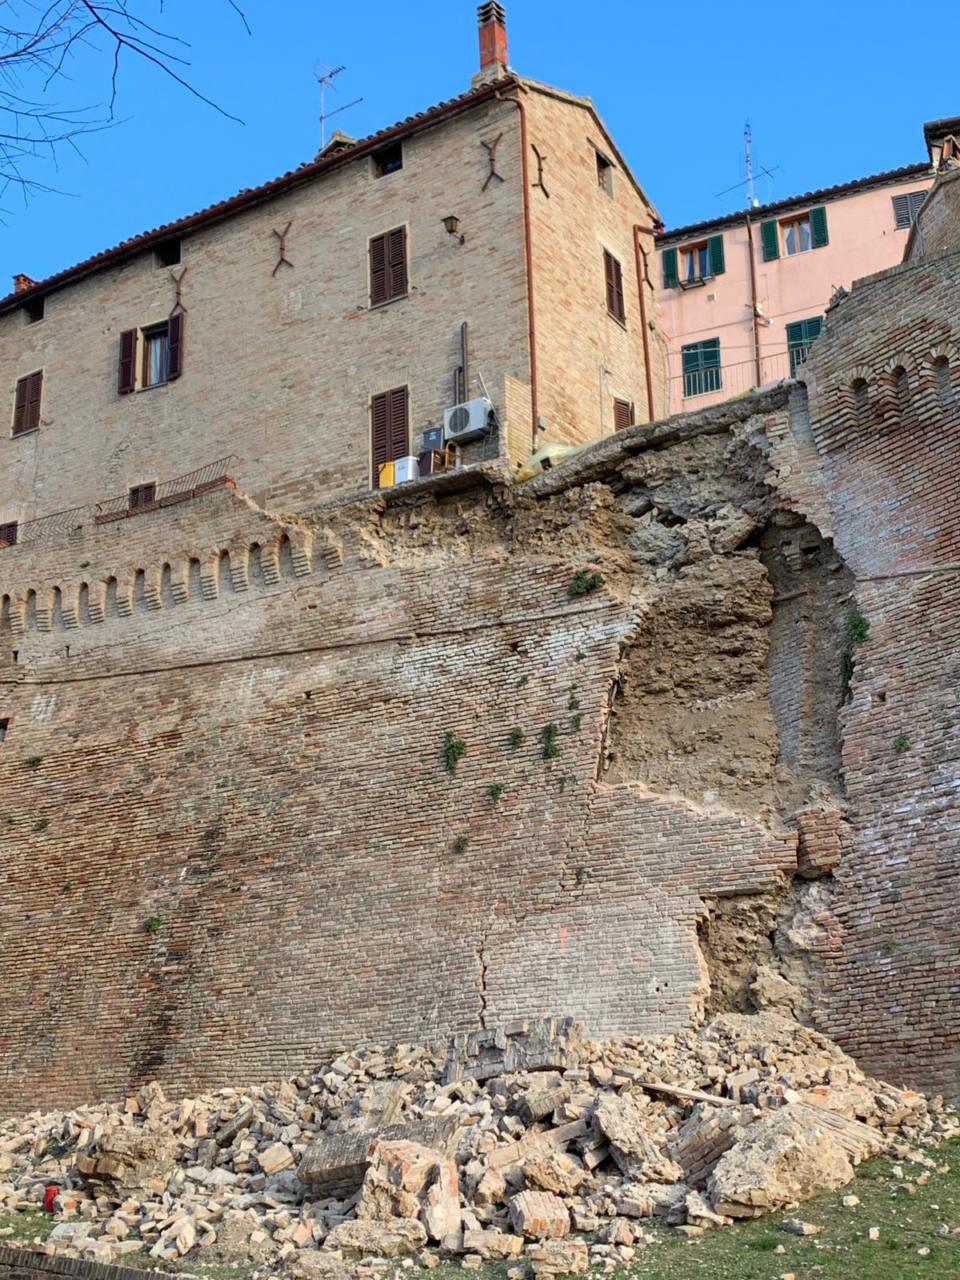 La porzione delle storiche mura di Corinaldo crollate il 18 febbraio